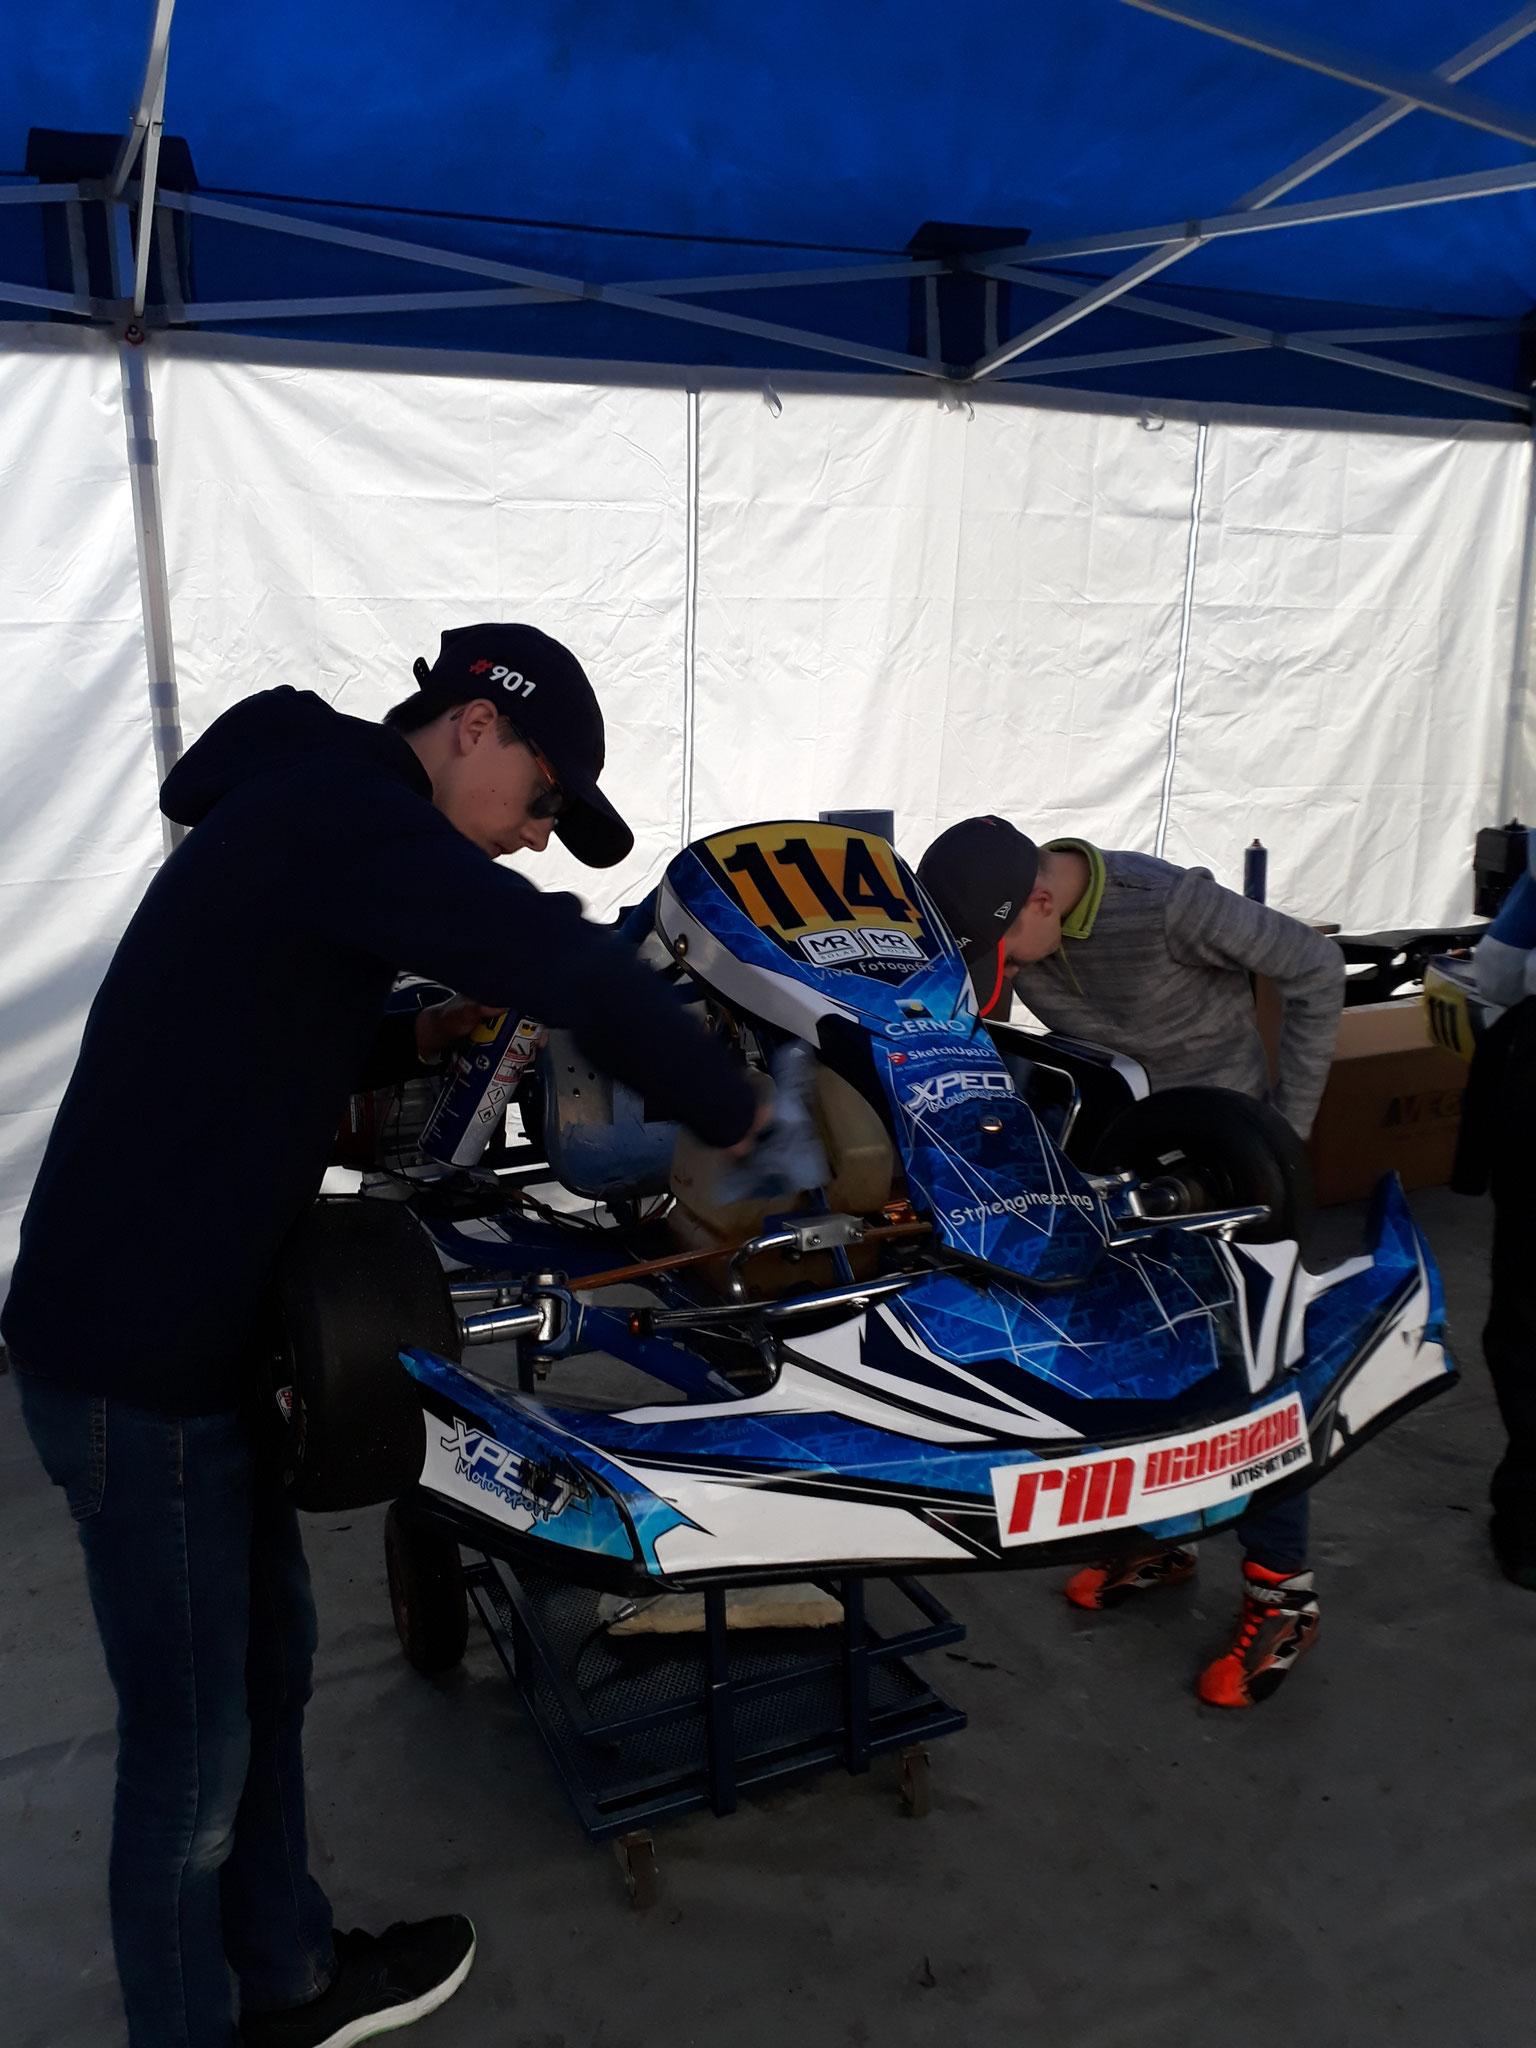 Samen met Iano zijn kartvriend in het team de kart schoon poetsen voor de race.